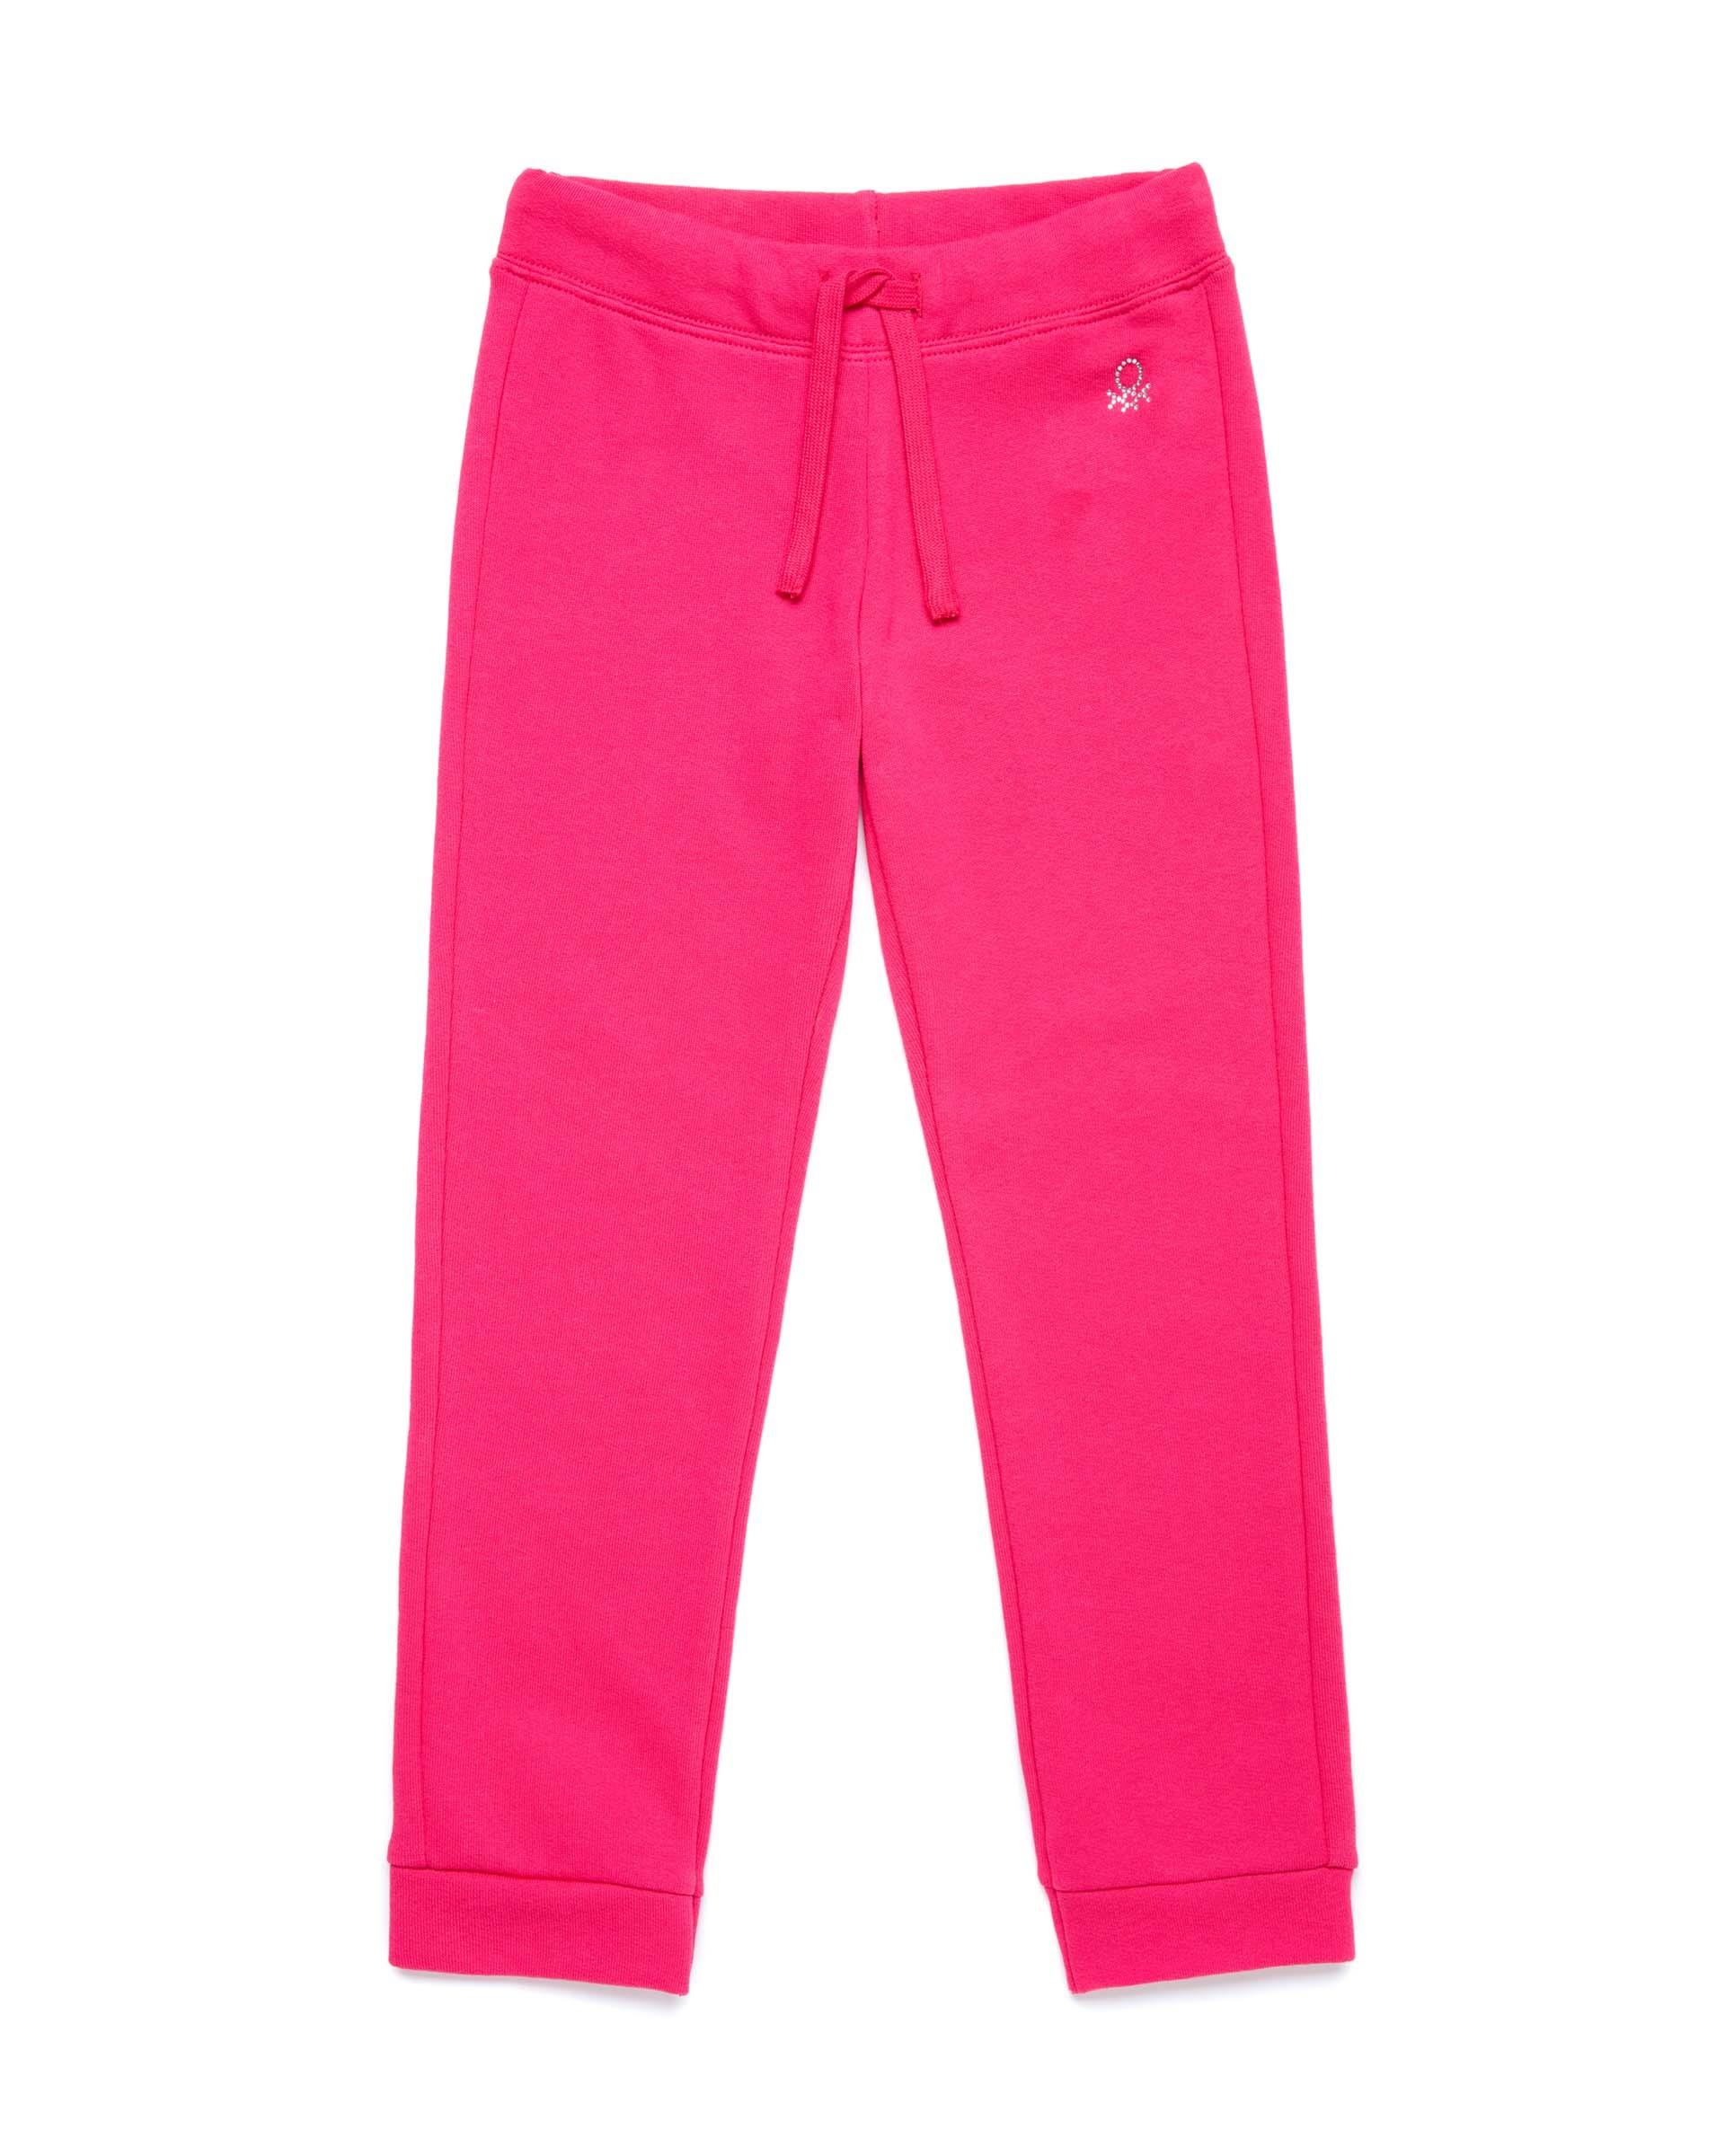 Купить 20P_3J68I0897_2L3, Спортивные брюки для девочек Benetton 3J68I0897_2L3 р-р 152, United Colors of Benetton, Брюки для девочек